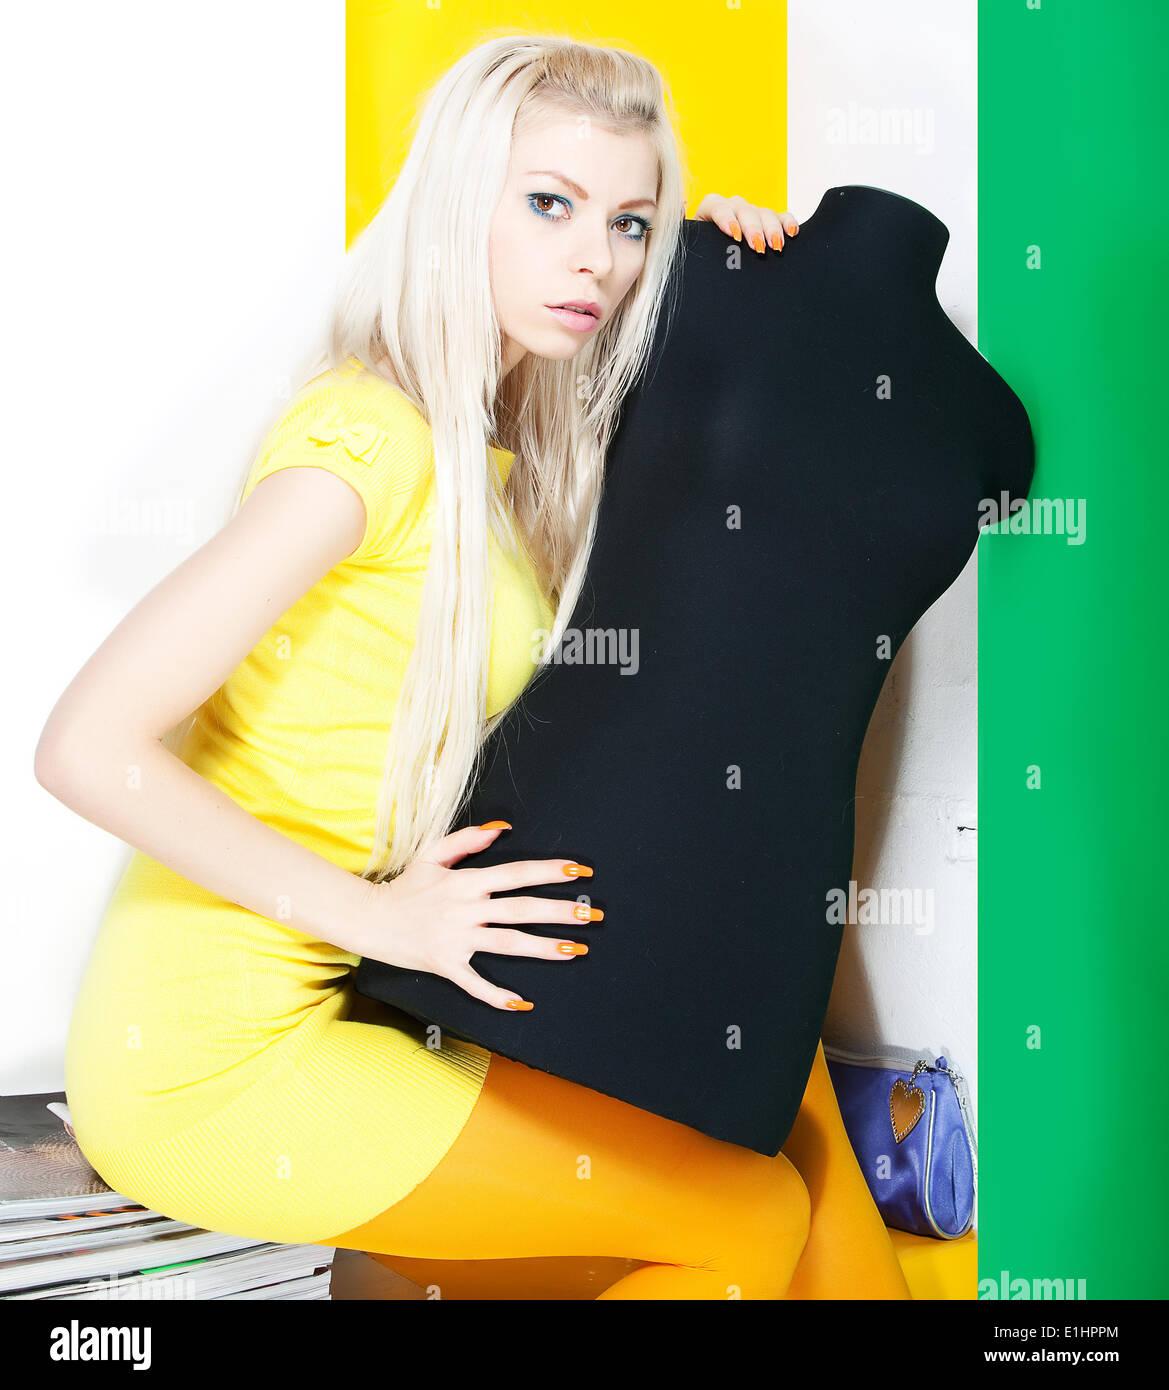 Hellen Portrait schöne blonde Frau mit schwarzen Mannequin. Studio gedreht Stockfoto